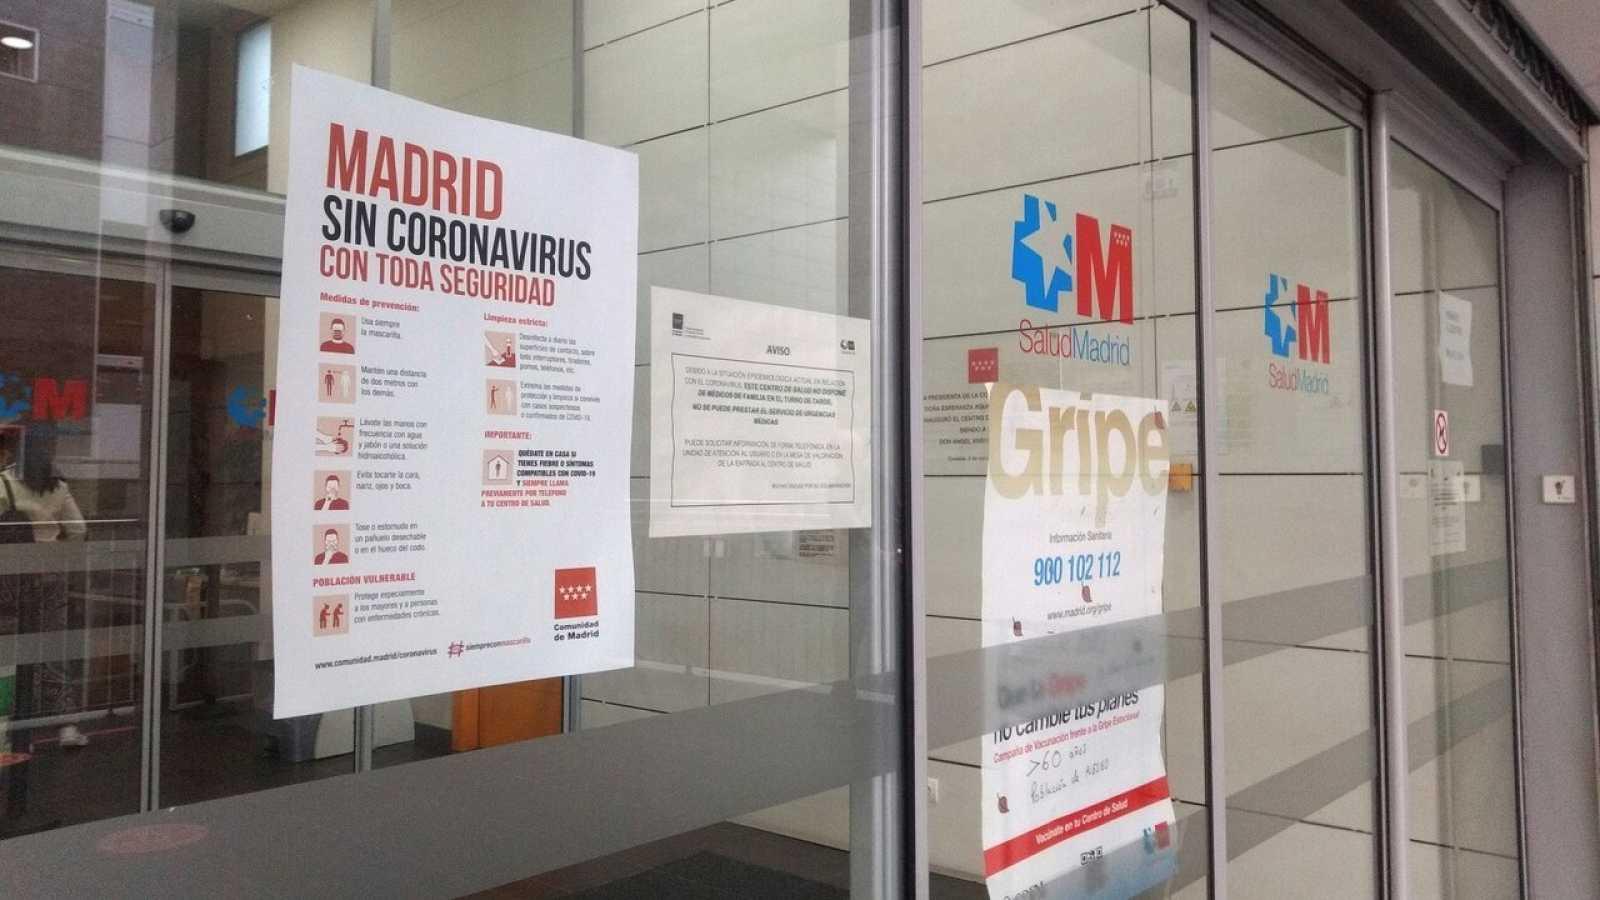 Centro de salud en Coslada, Madrid-  EFE/Marina de la Cruz